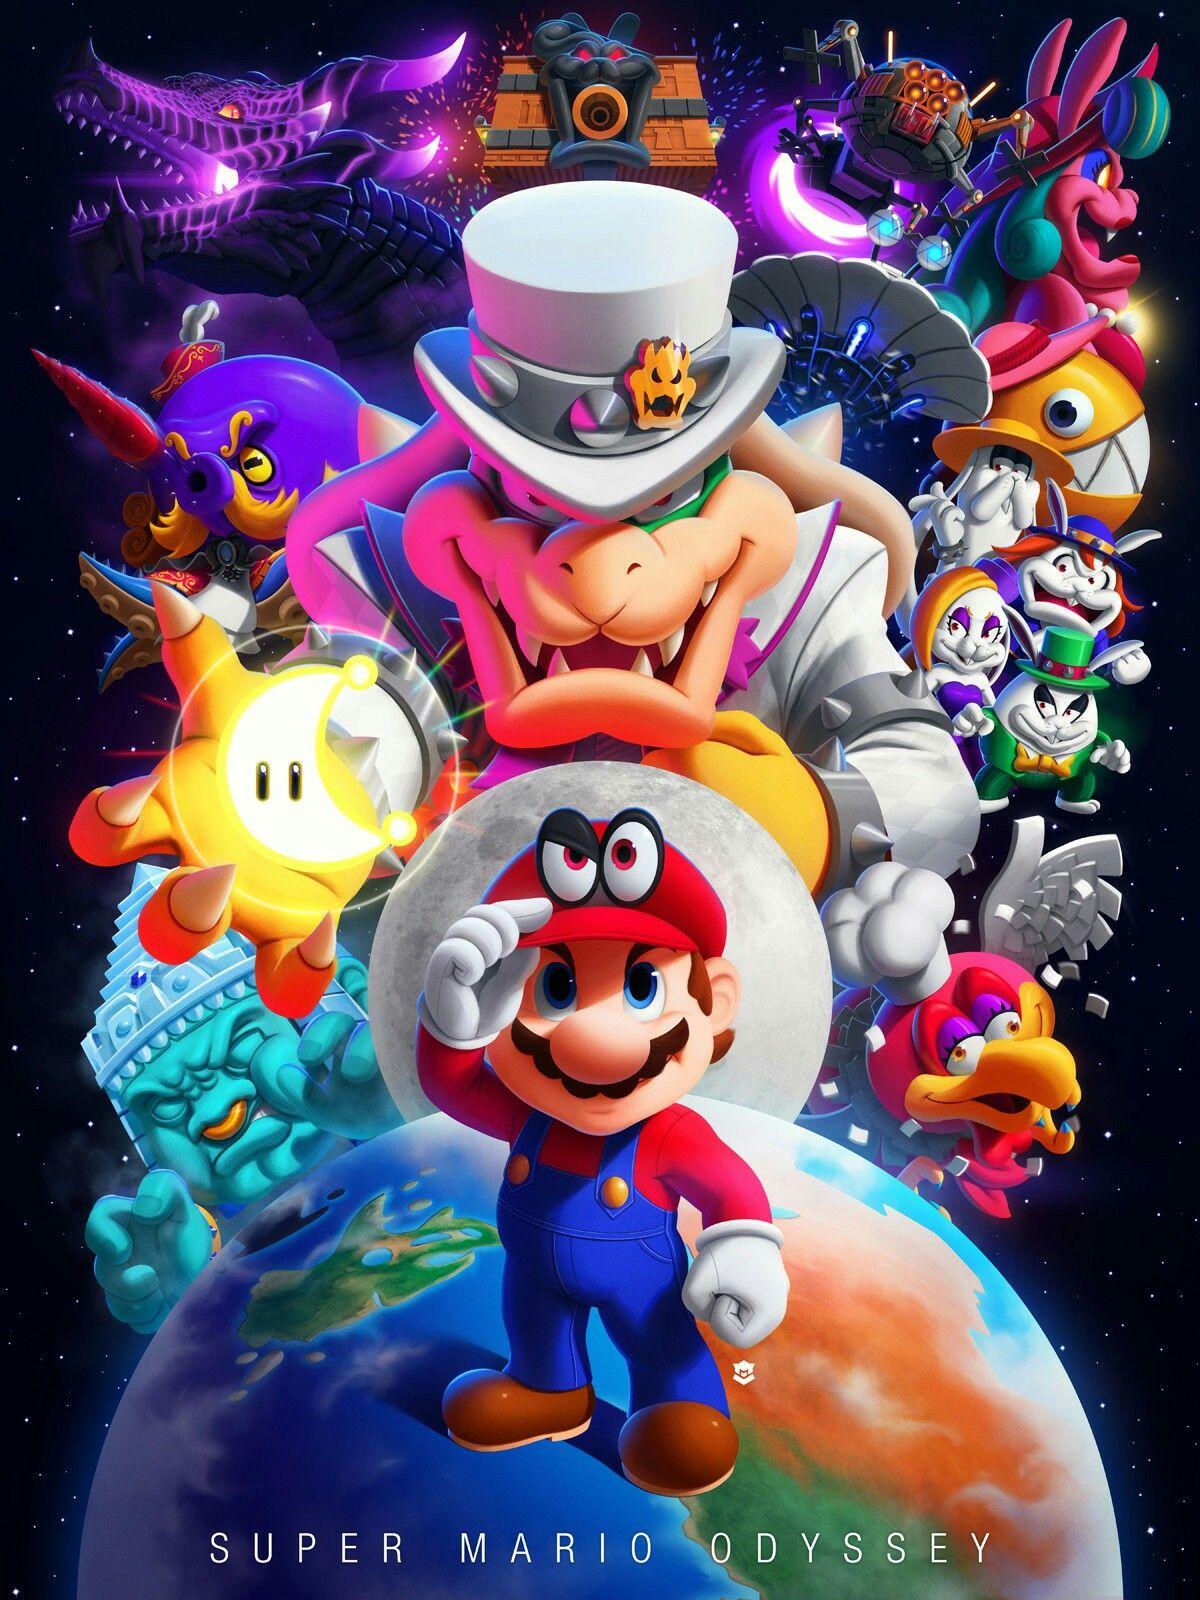 Pin De Gaëlle Ligot En Nintendo Juegos De Mario Fondos Mario Bross Fondos De Mario